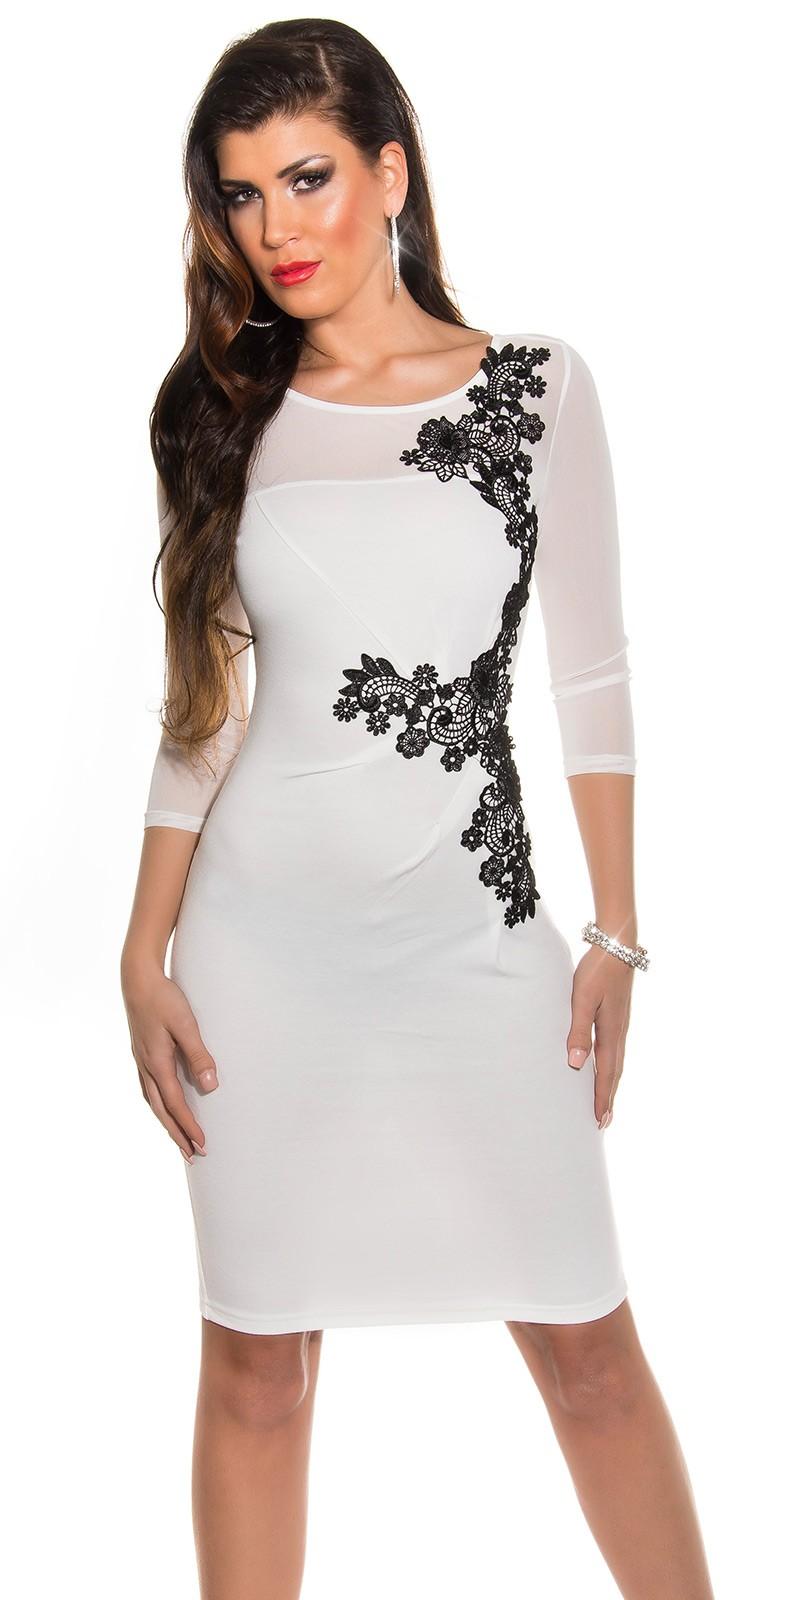 Fekete horgolt csipke díszítésű női alkalmi ruha - Fehér (40 ... 539cf8ddd3